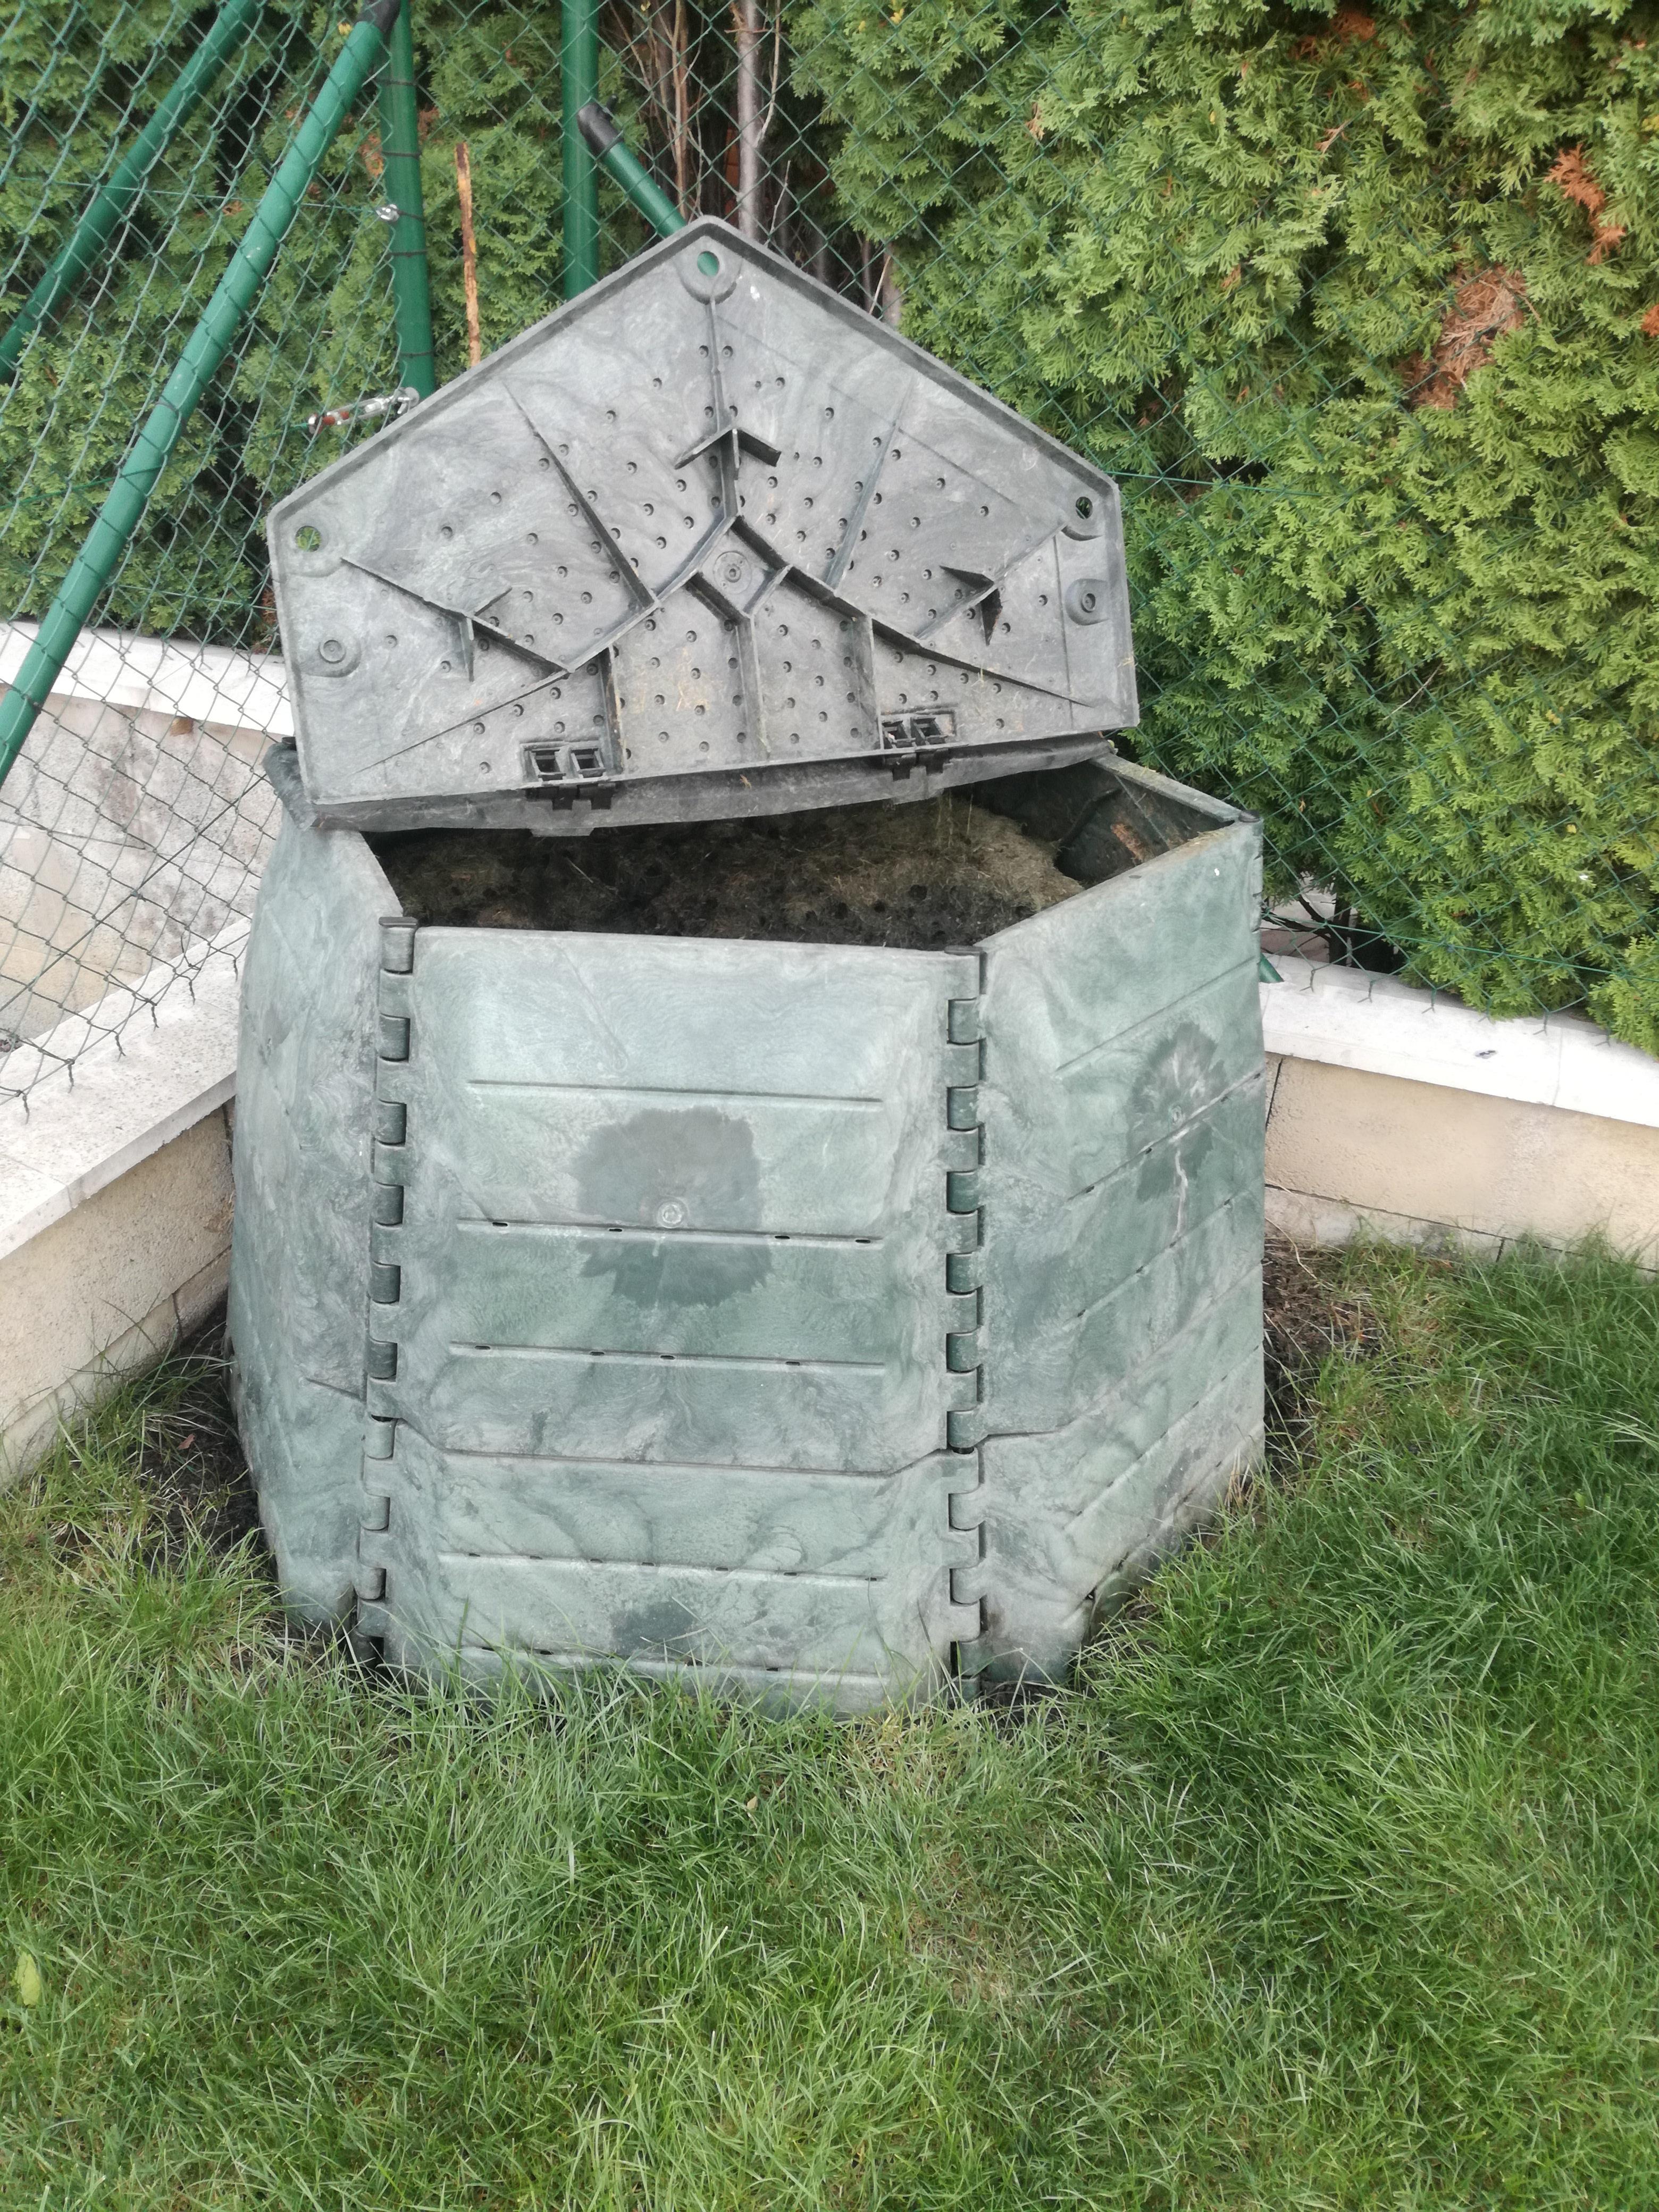 Kam umiestniť kompostér. Ktoré miesto vzáhrade je najvhodnejšie na kompostovanie?